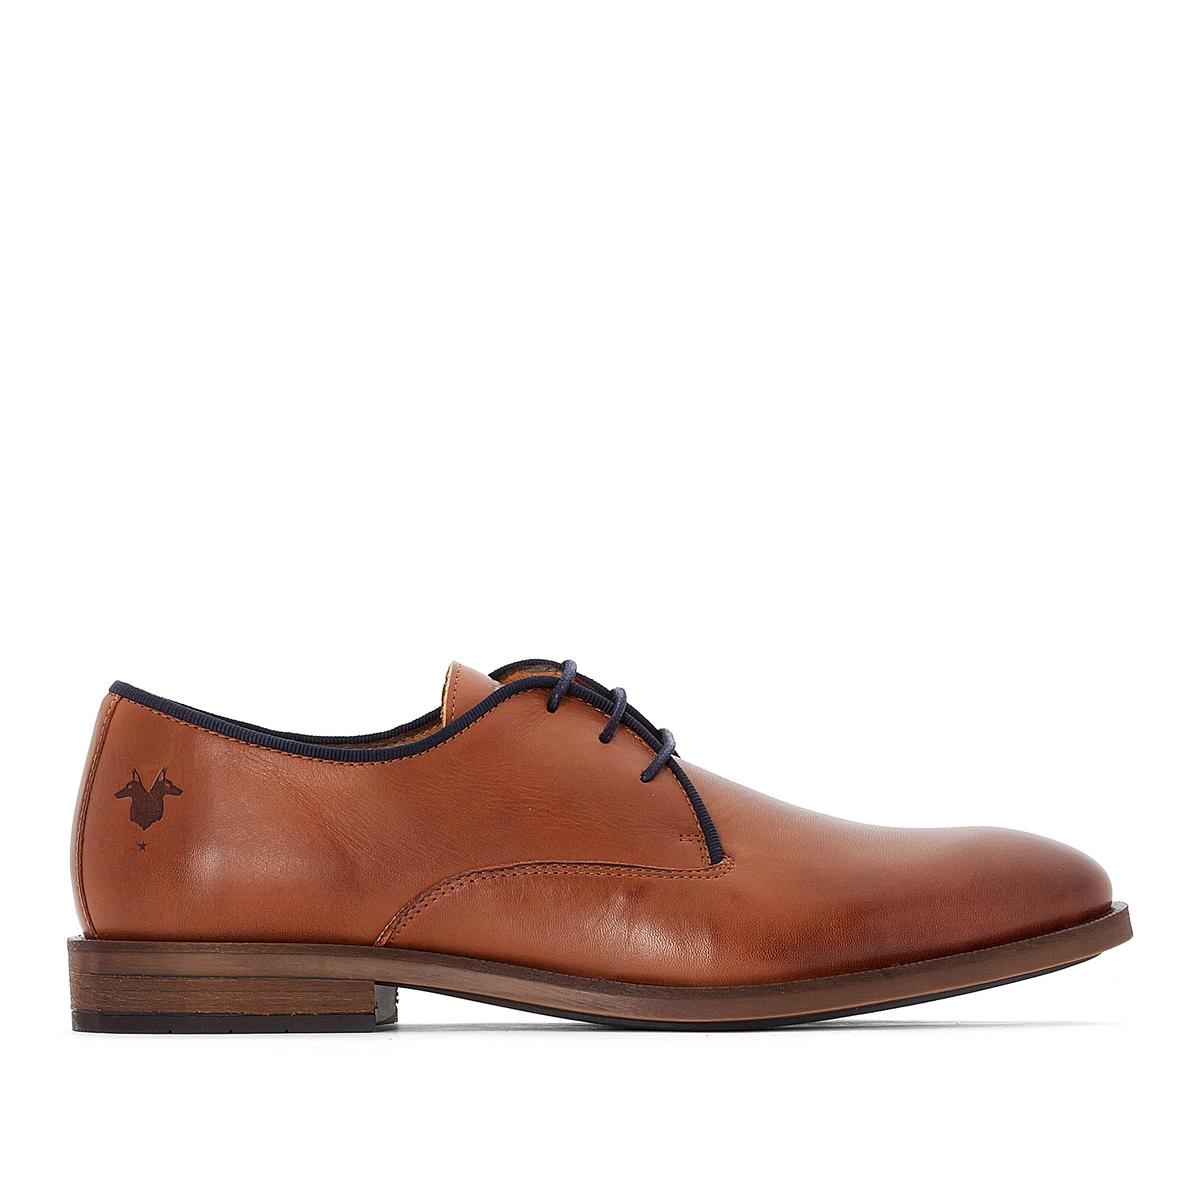 Ботинки-дерби кожаные Blaise ботинки дерби под кожу питона